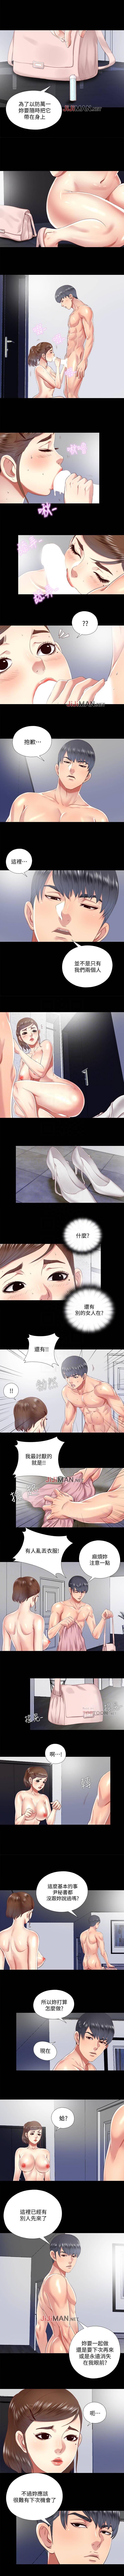 【已完结】同居捉迷藏(作者:林巨星) 第1~30话 77